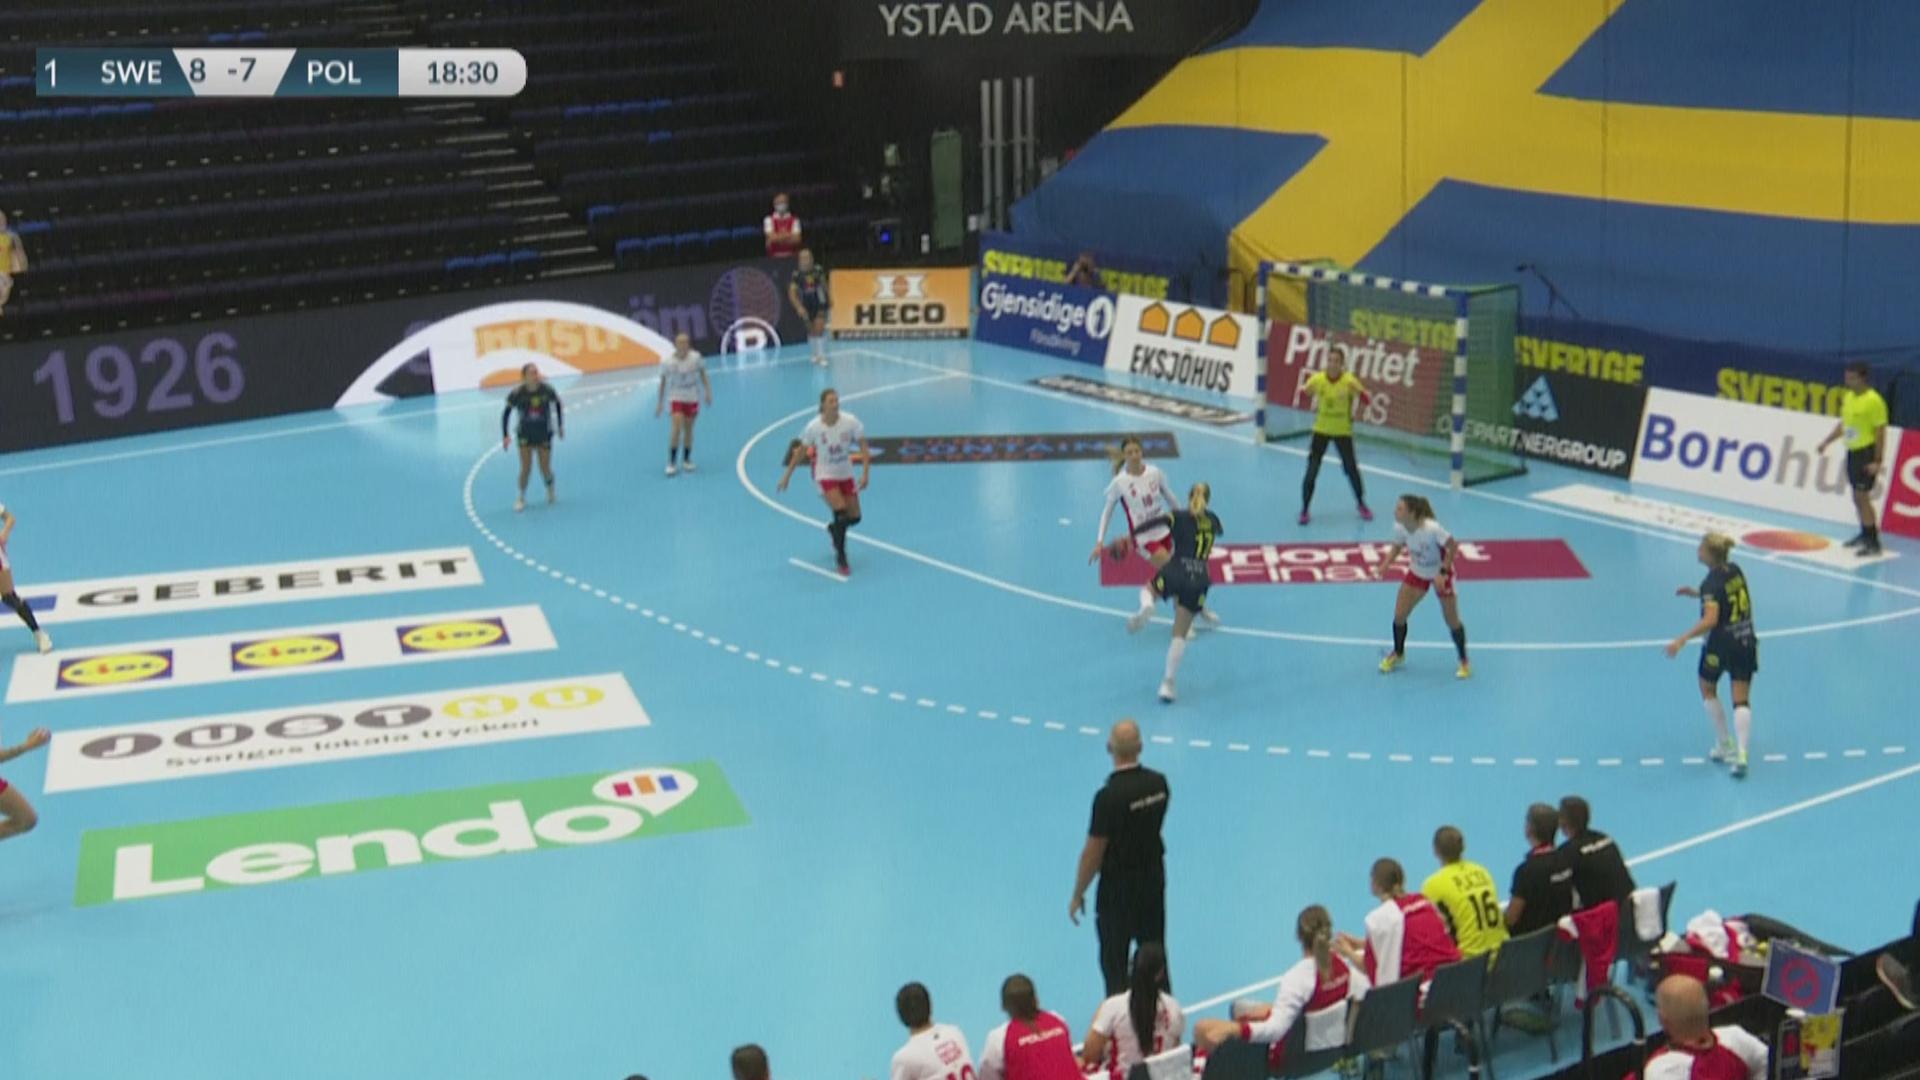 Bild från det svenska damlandslagets match mot Polen i oktober 2020, en match som visades i SVT. Foto: SVT